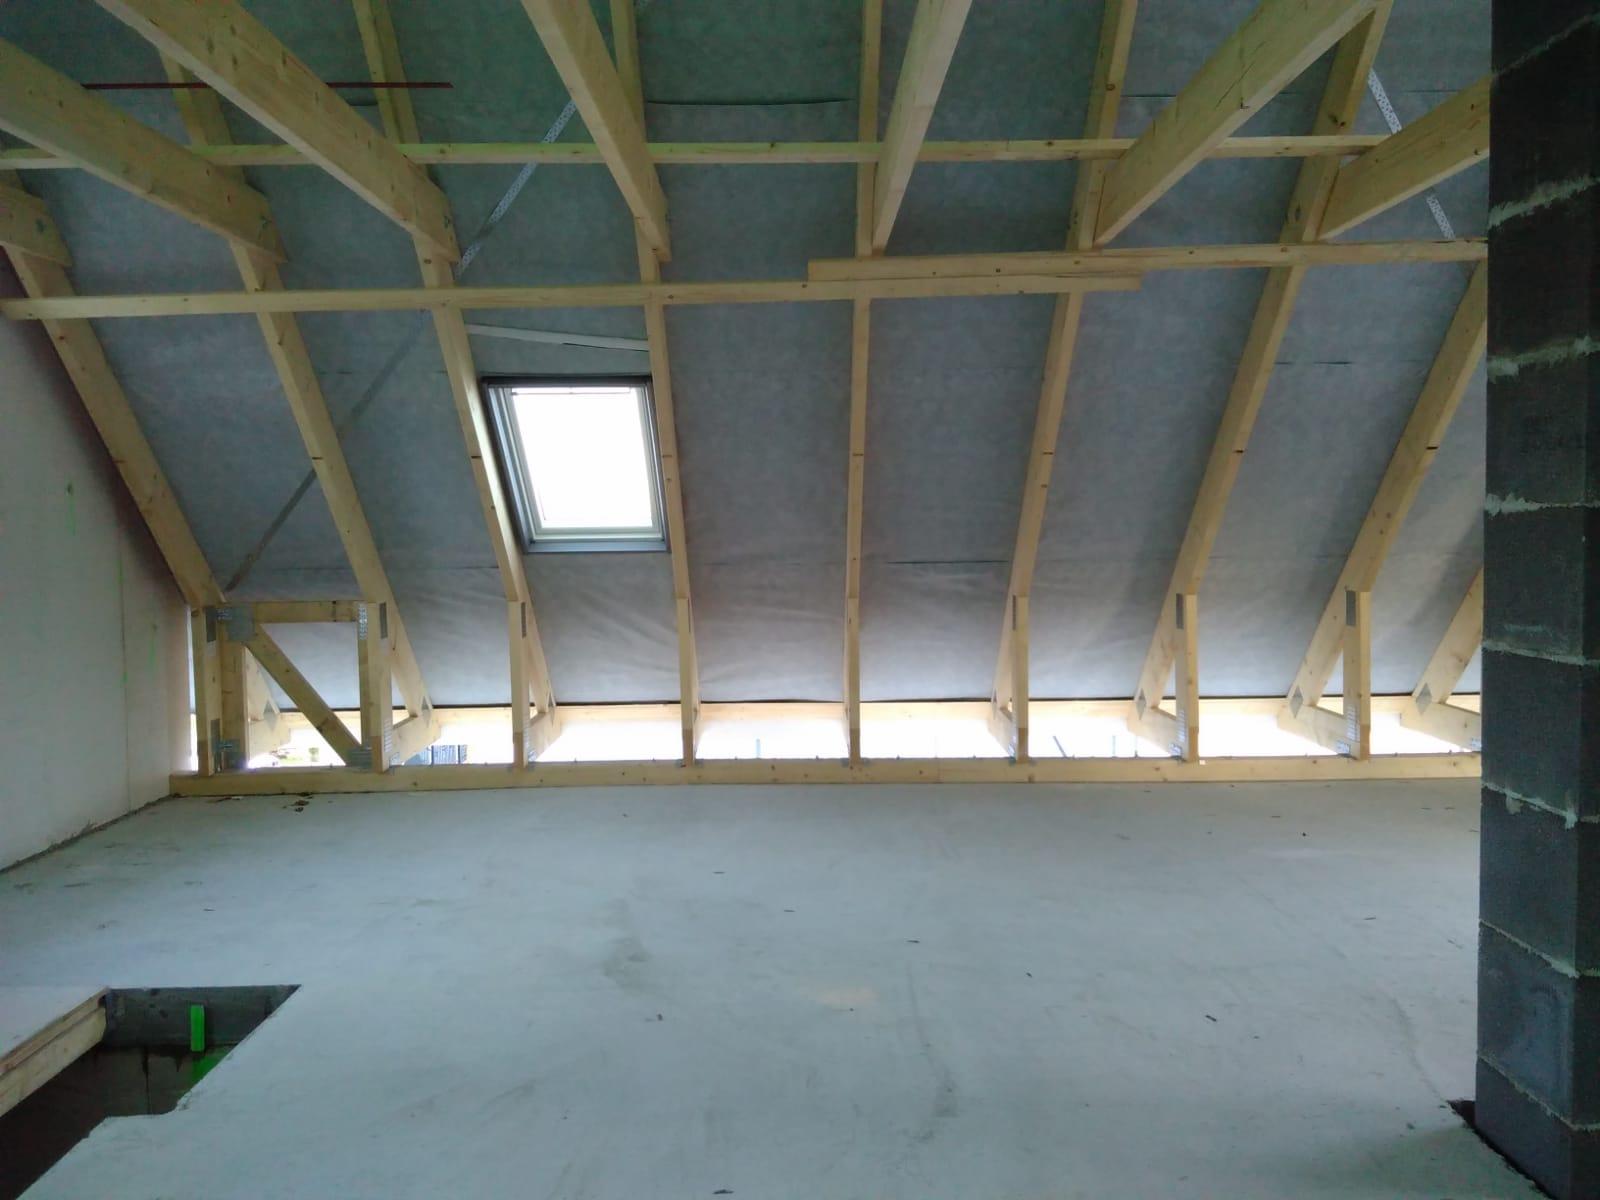 Dach von innen